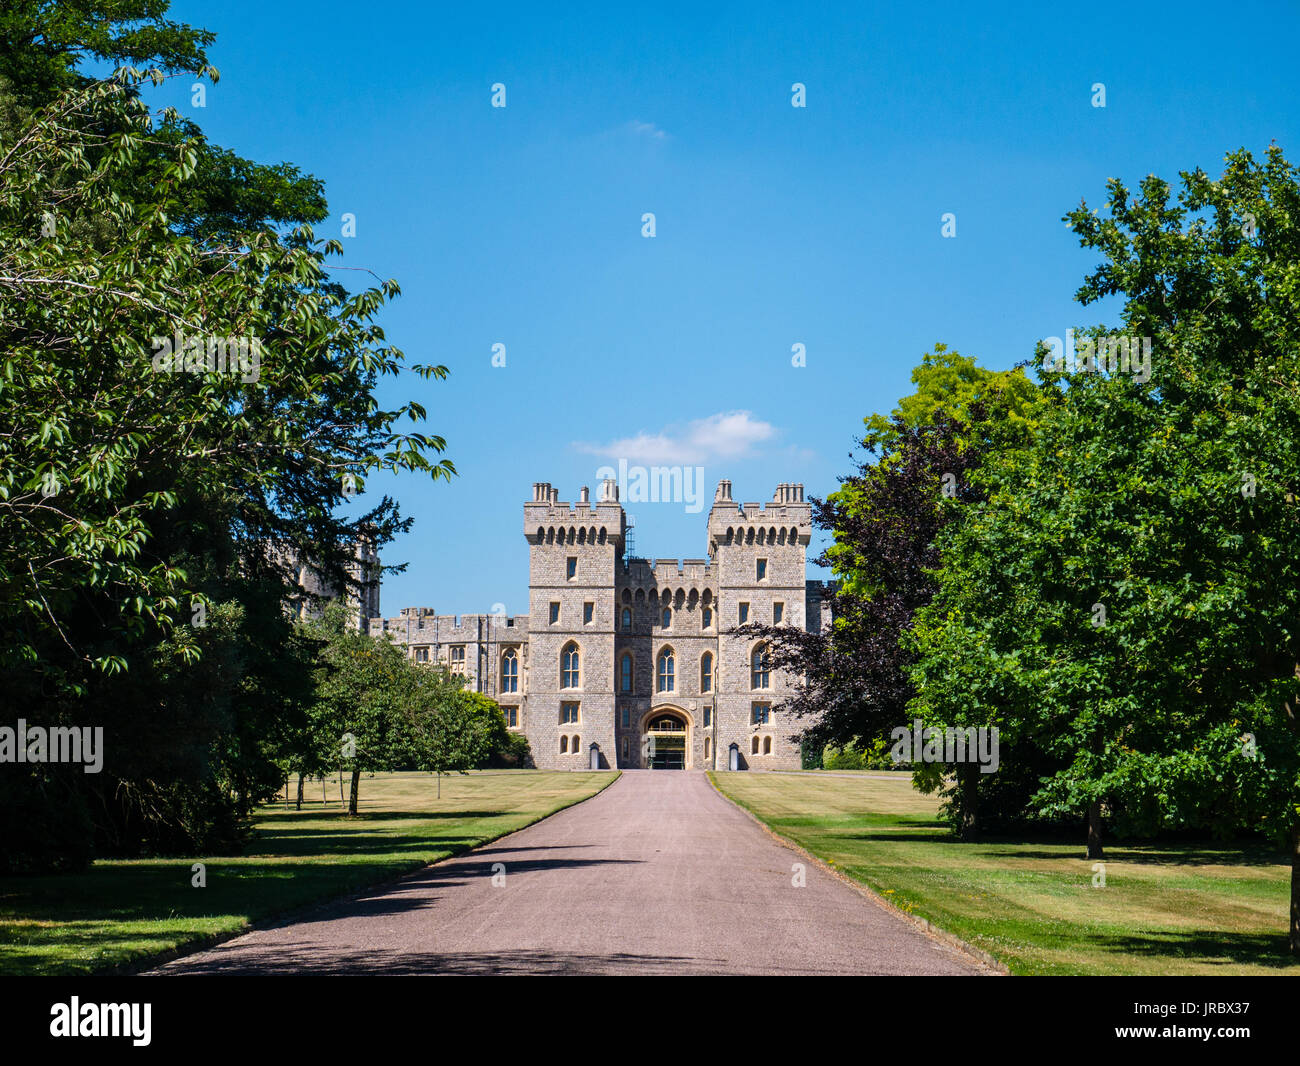 Vista desde el Castillo de Windsor, la larga caminata, Windsor, Berkshire, Inglaterra, Reino Unido, GB. Imagen De Stock